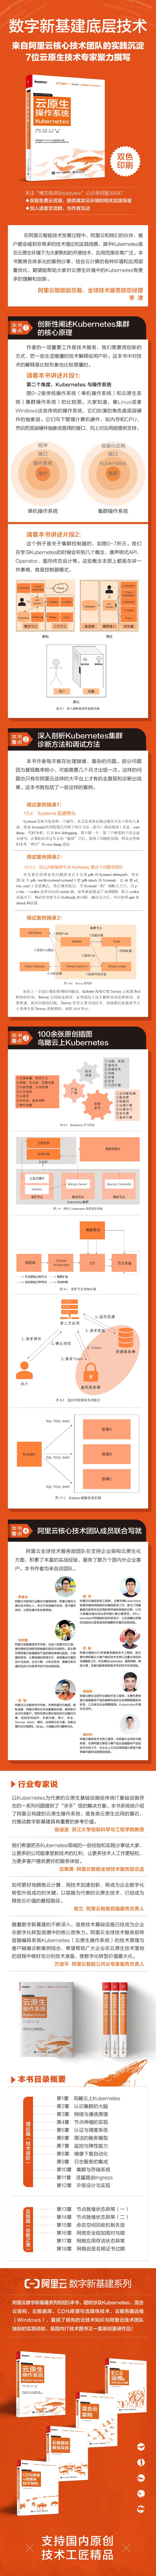 云原生操作系统-网店长海报_画板 1.png